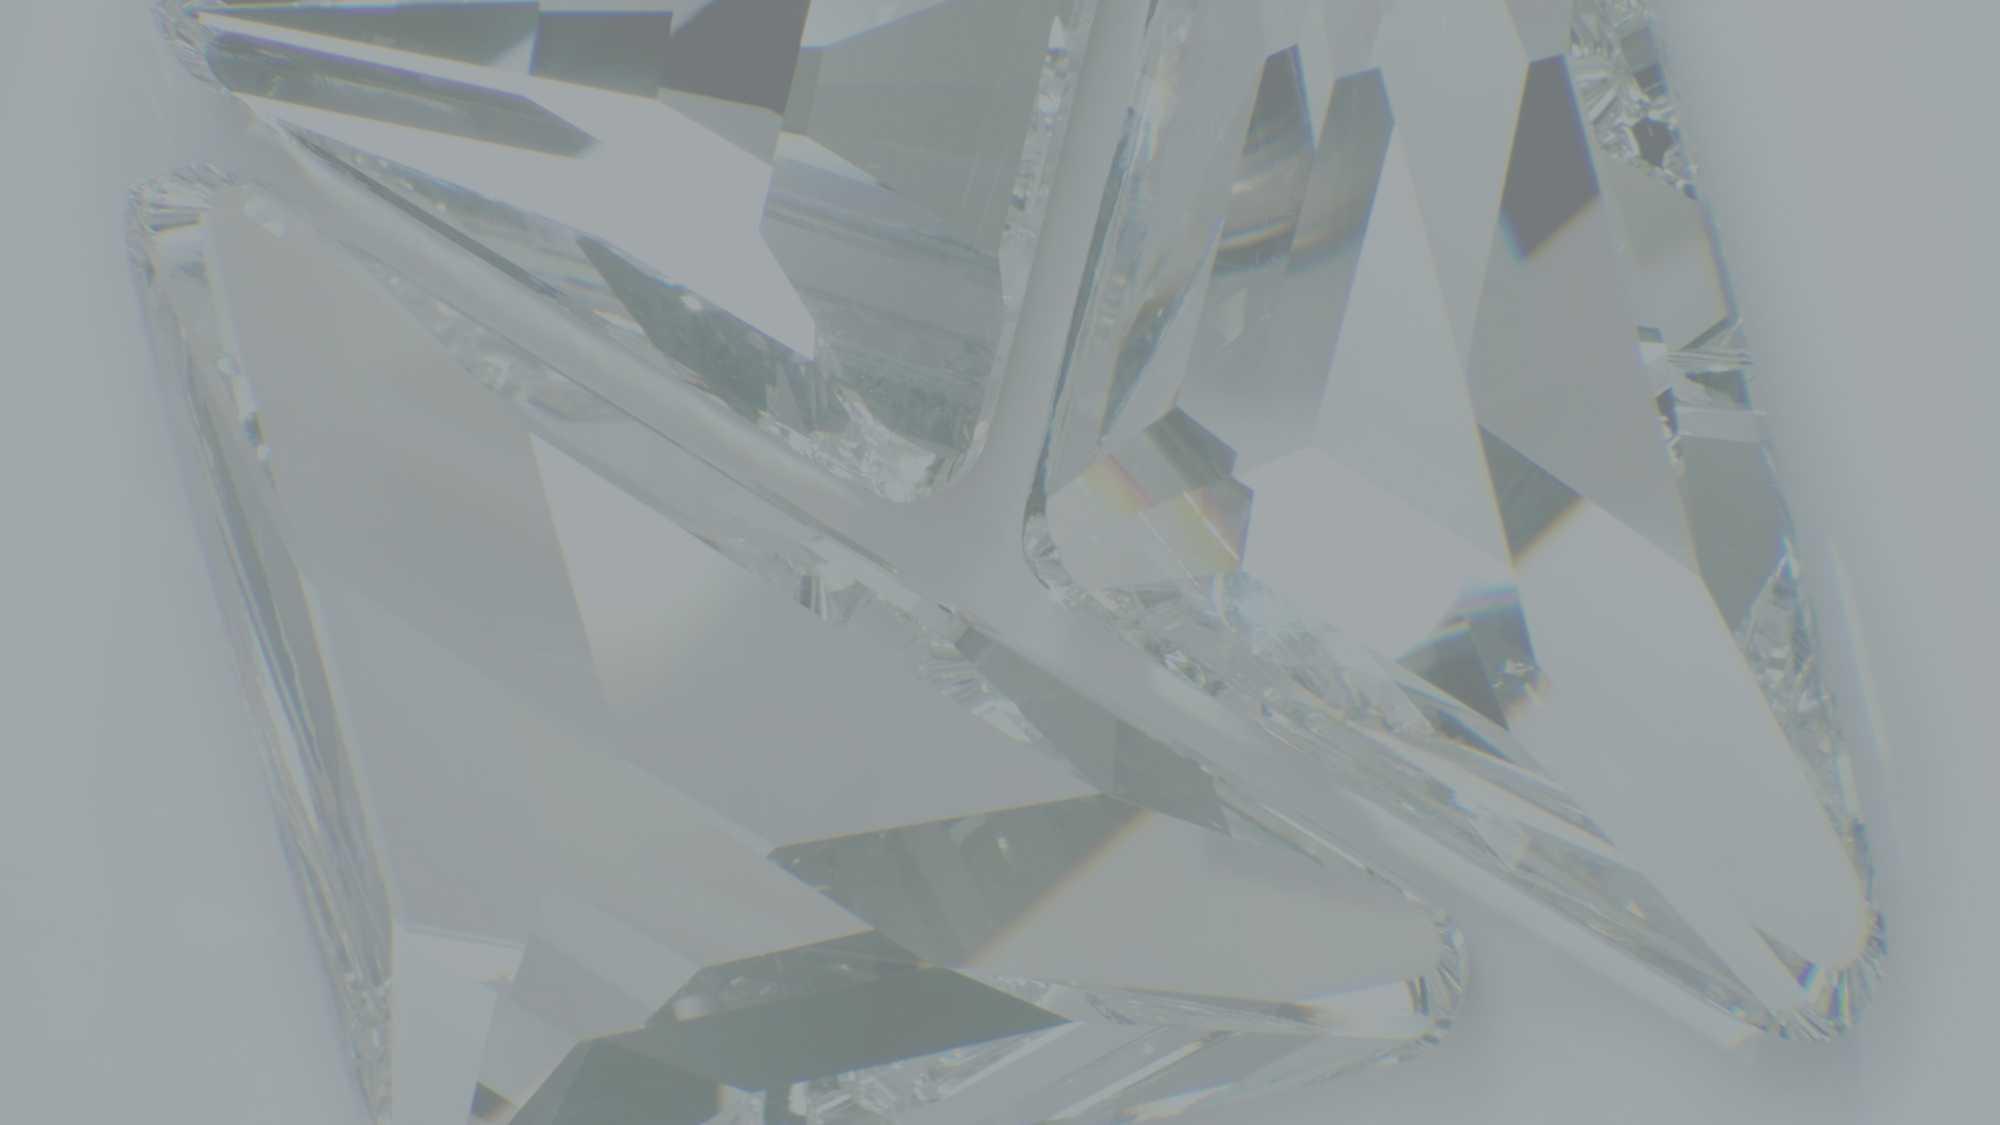 Das Bild zeigt einen Edelstein. Dieser ist vergrößert zu sehen. Das Bild ist grau eingefärbt. Das Bild dient als Quote Field Bild für den Portfolioeintrag Swarovski Produktfilm von Panda Pictures.